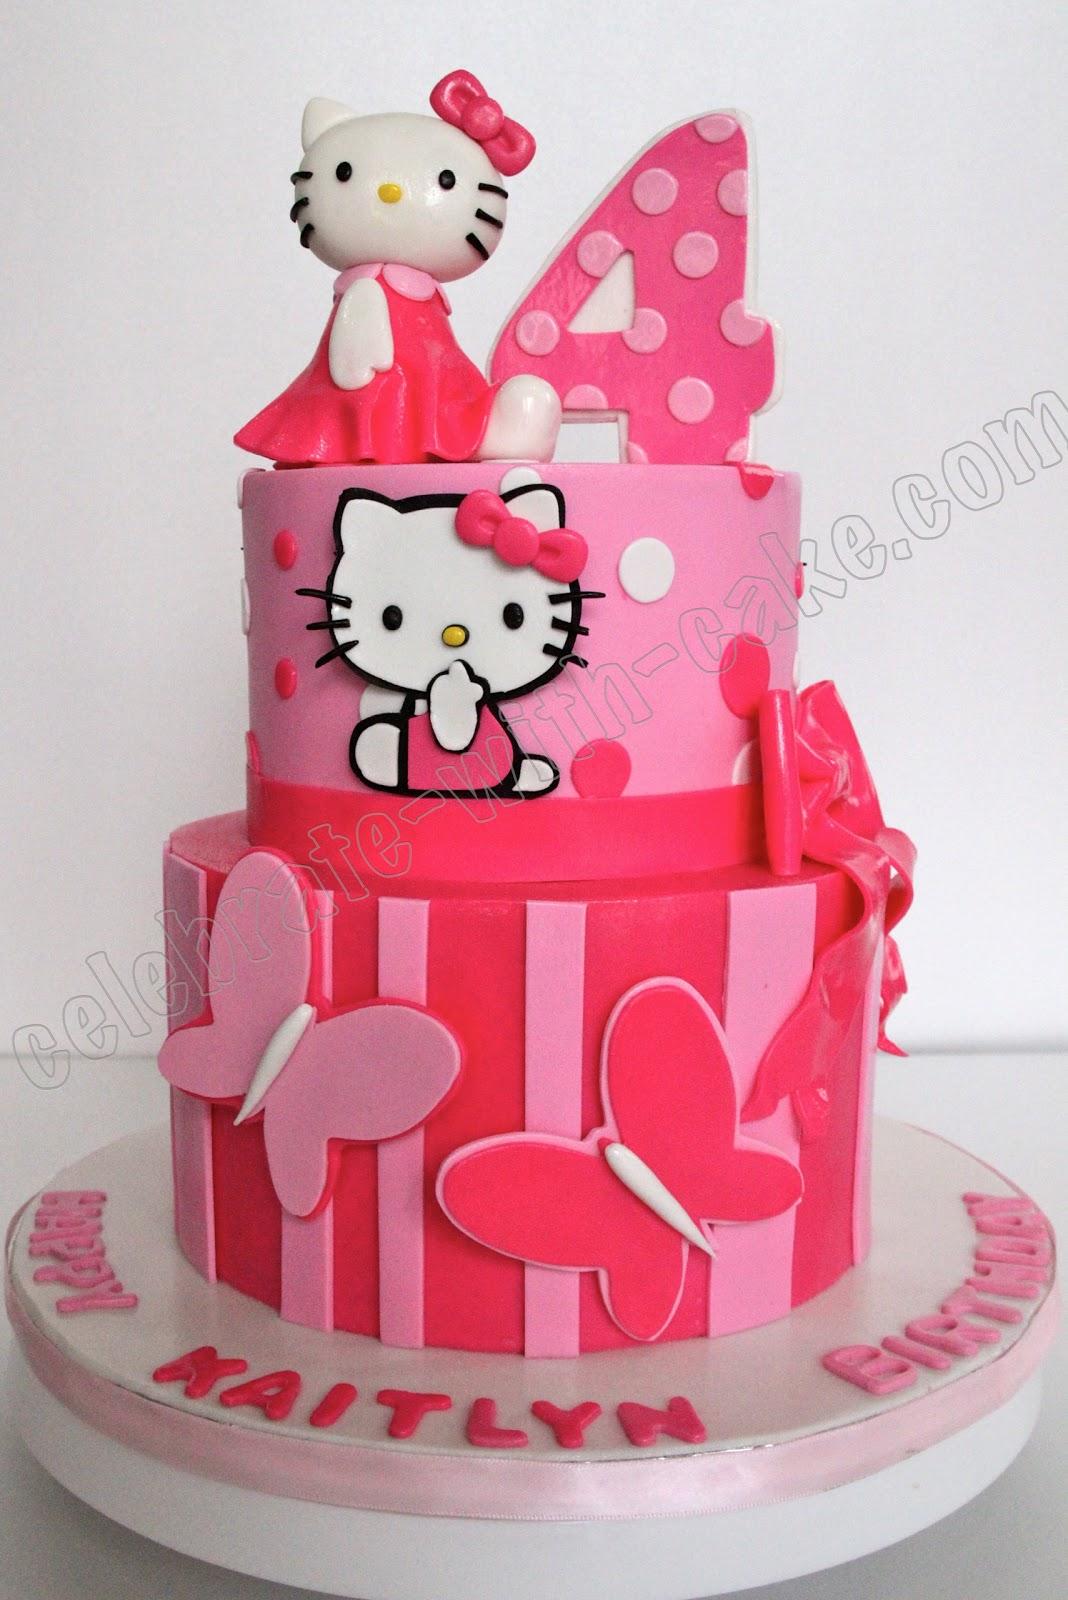 Torta Kitty On Pinterest Hello Kitty Hello Kitty Cake